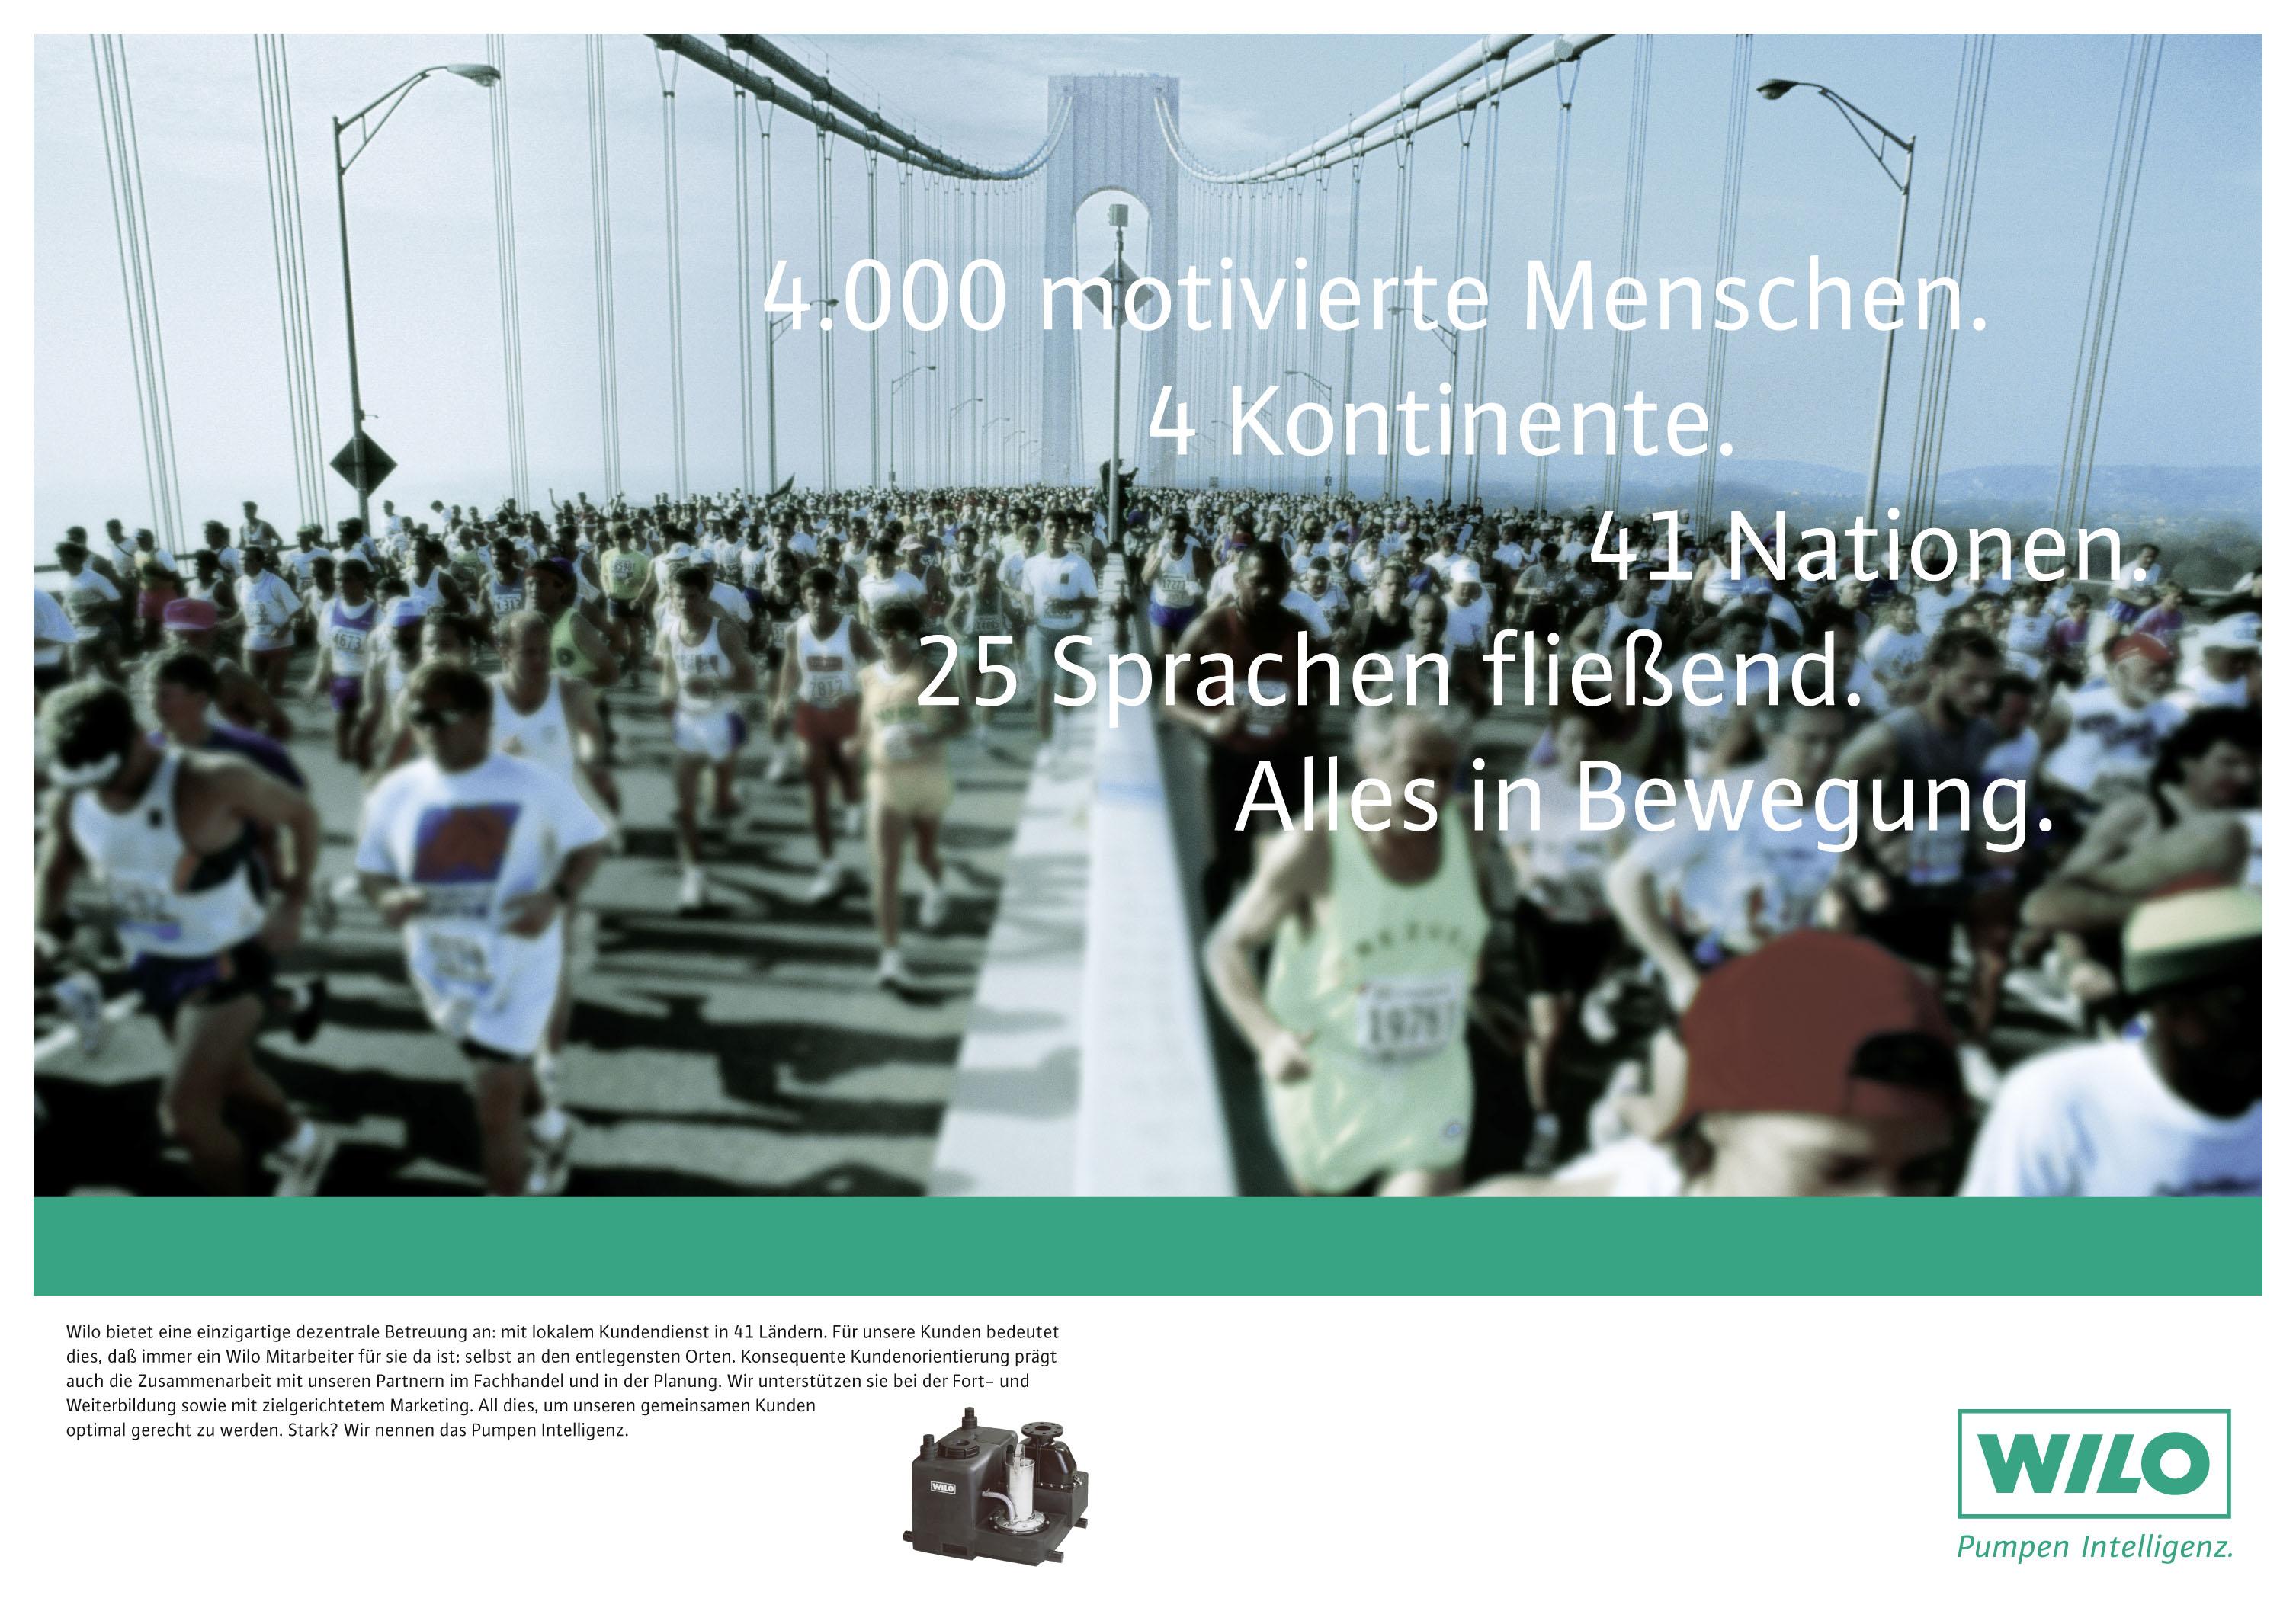 Wilo Imageanzeige: Hocheffizienz/Service - Uwe Groß (Konzept/Text)